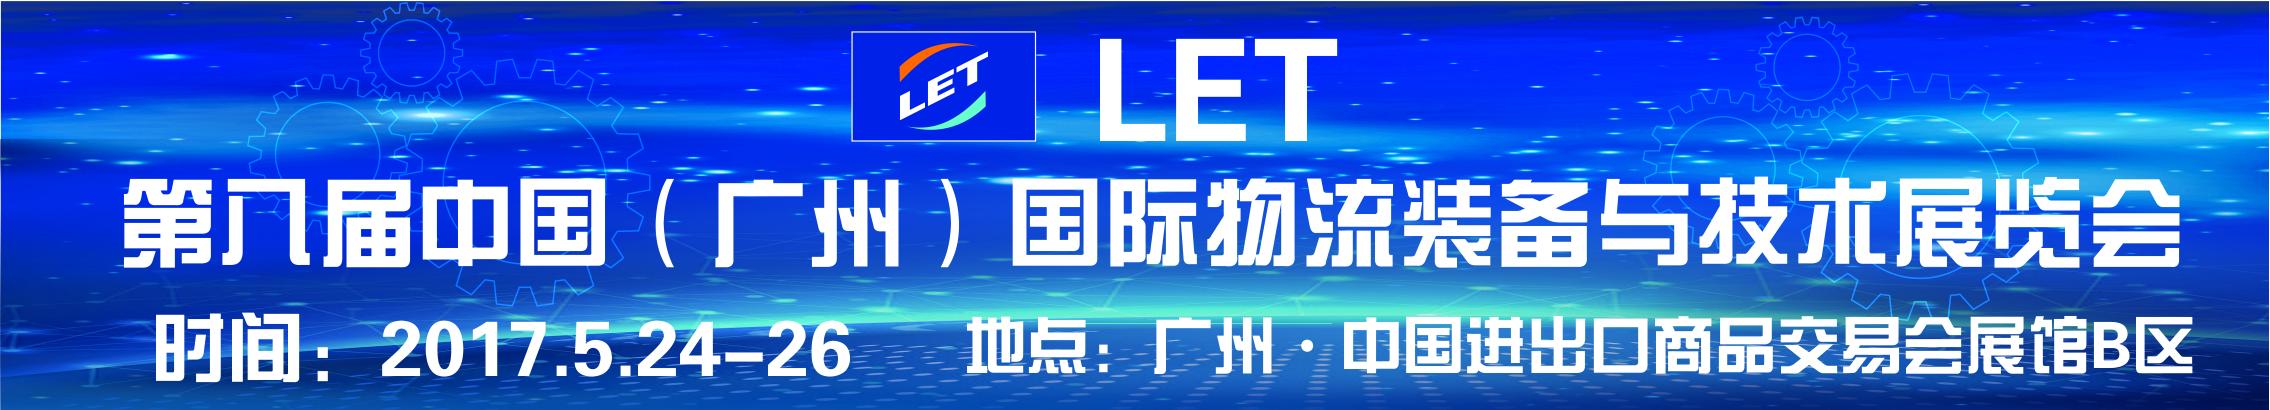 广州电商物流展